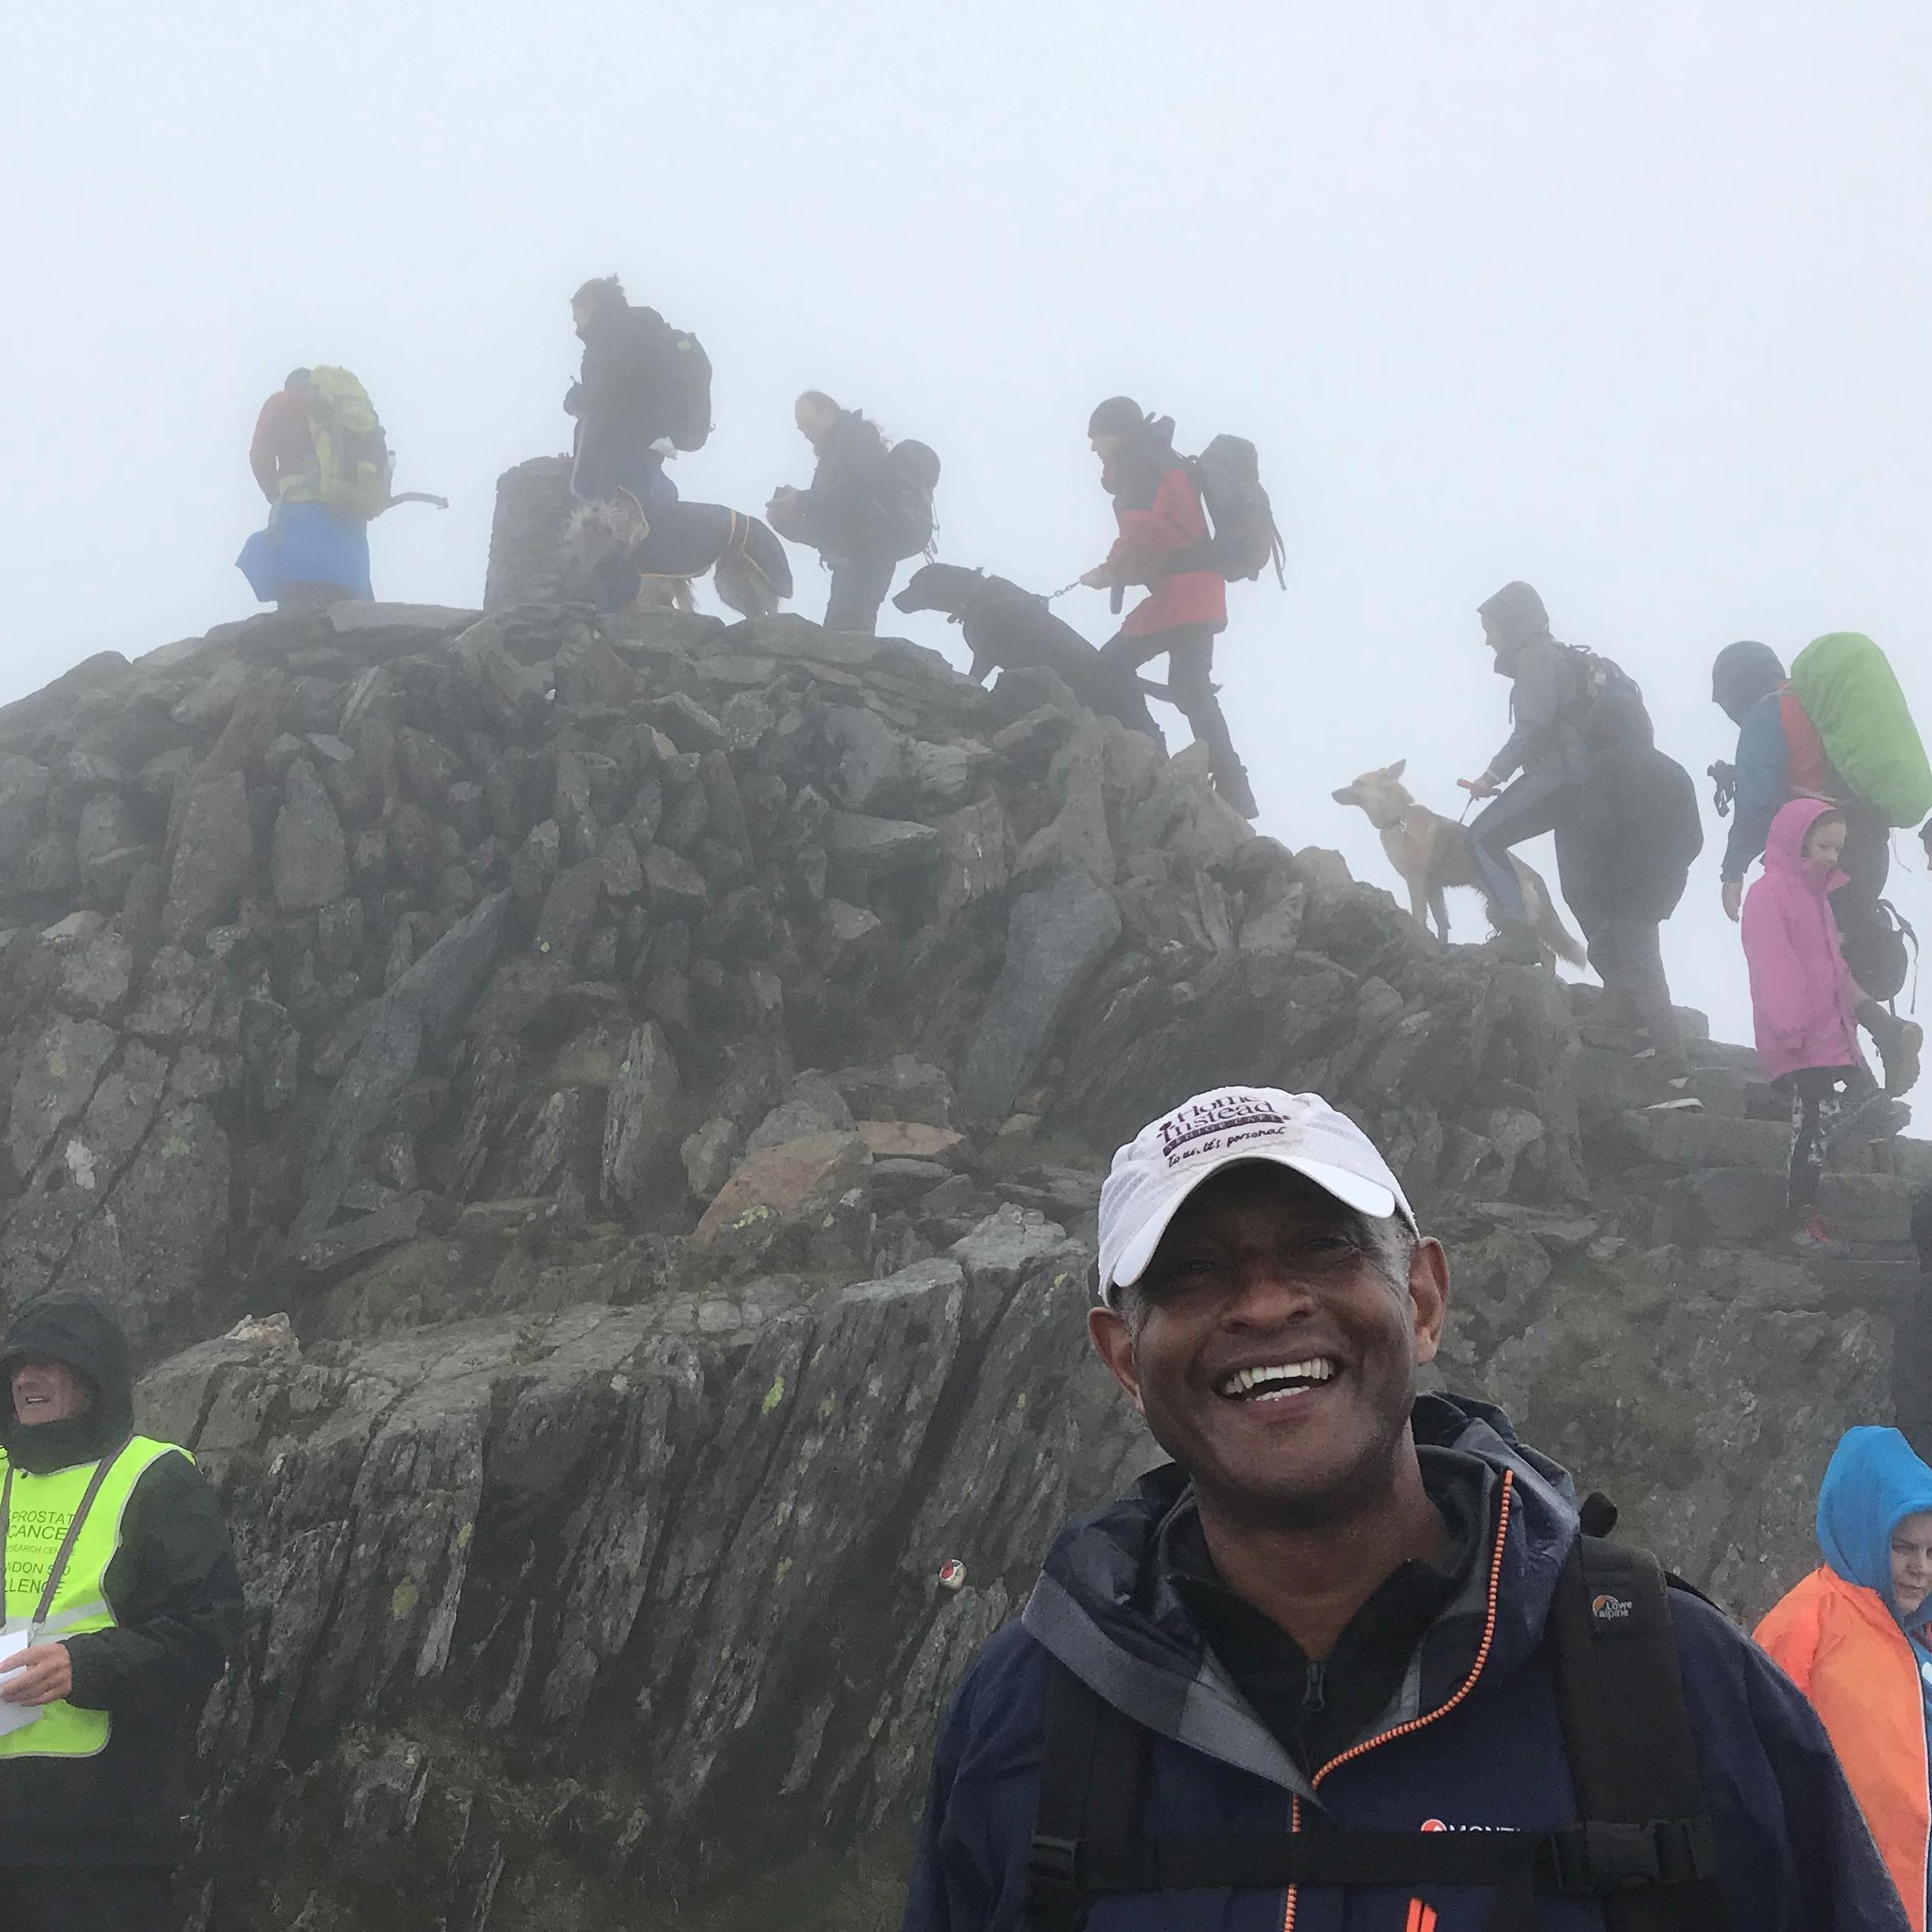 Tony summits Snowdon